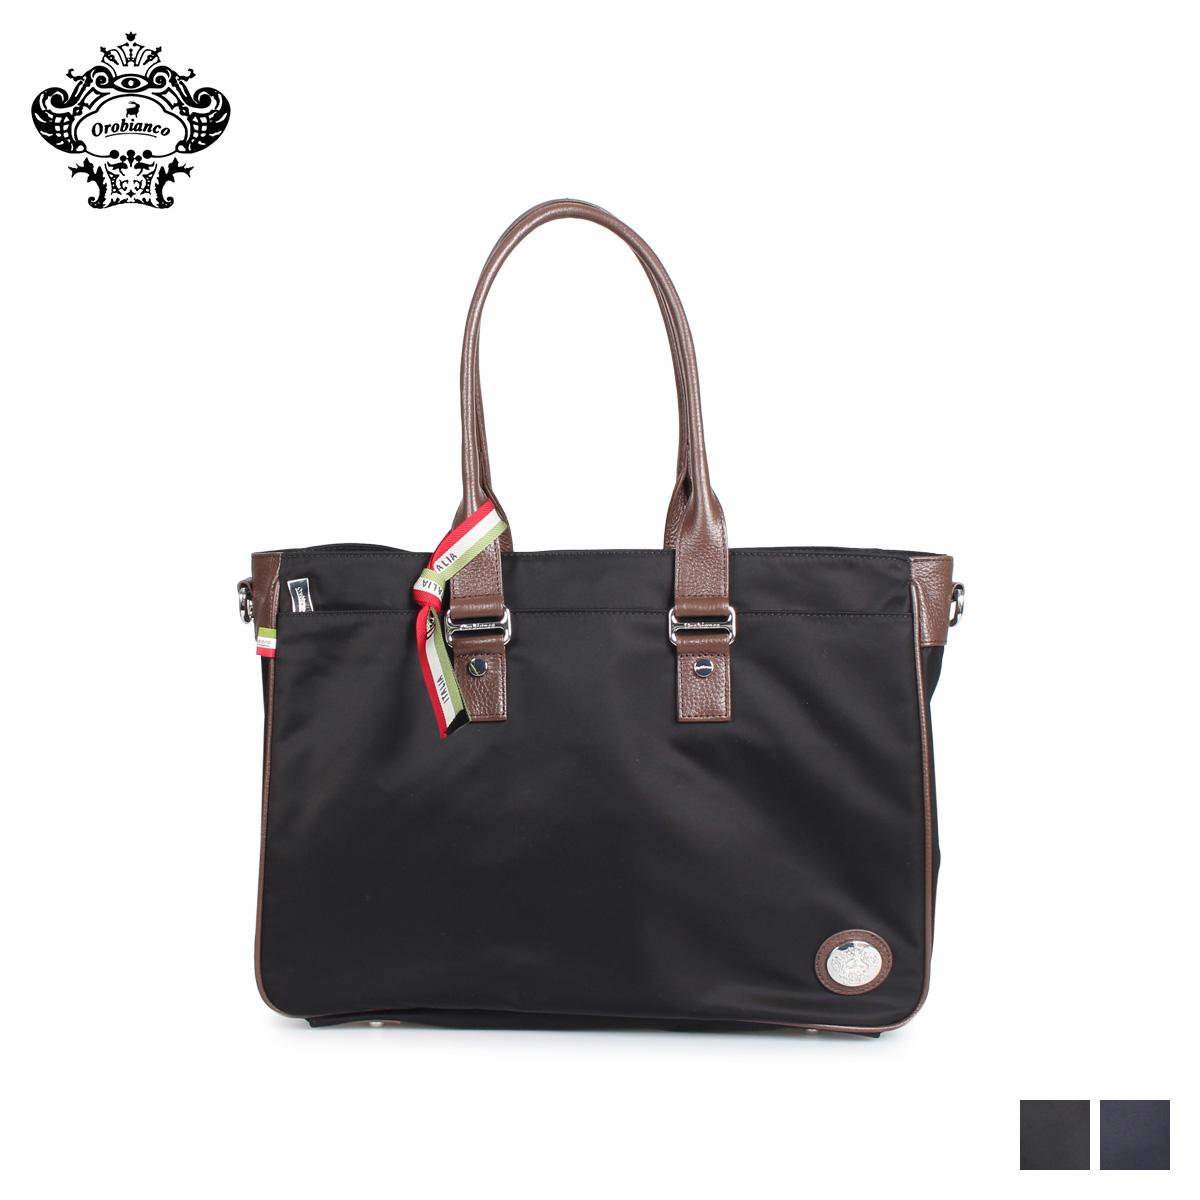 Orobianco オロビアンコ バッグ ショルダーバッグ ビジネスバッグ メンズ STABILE-C 01 ブラック ネイビー 黒 92157